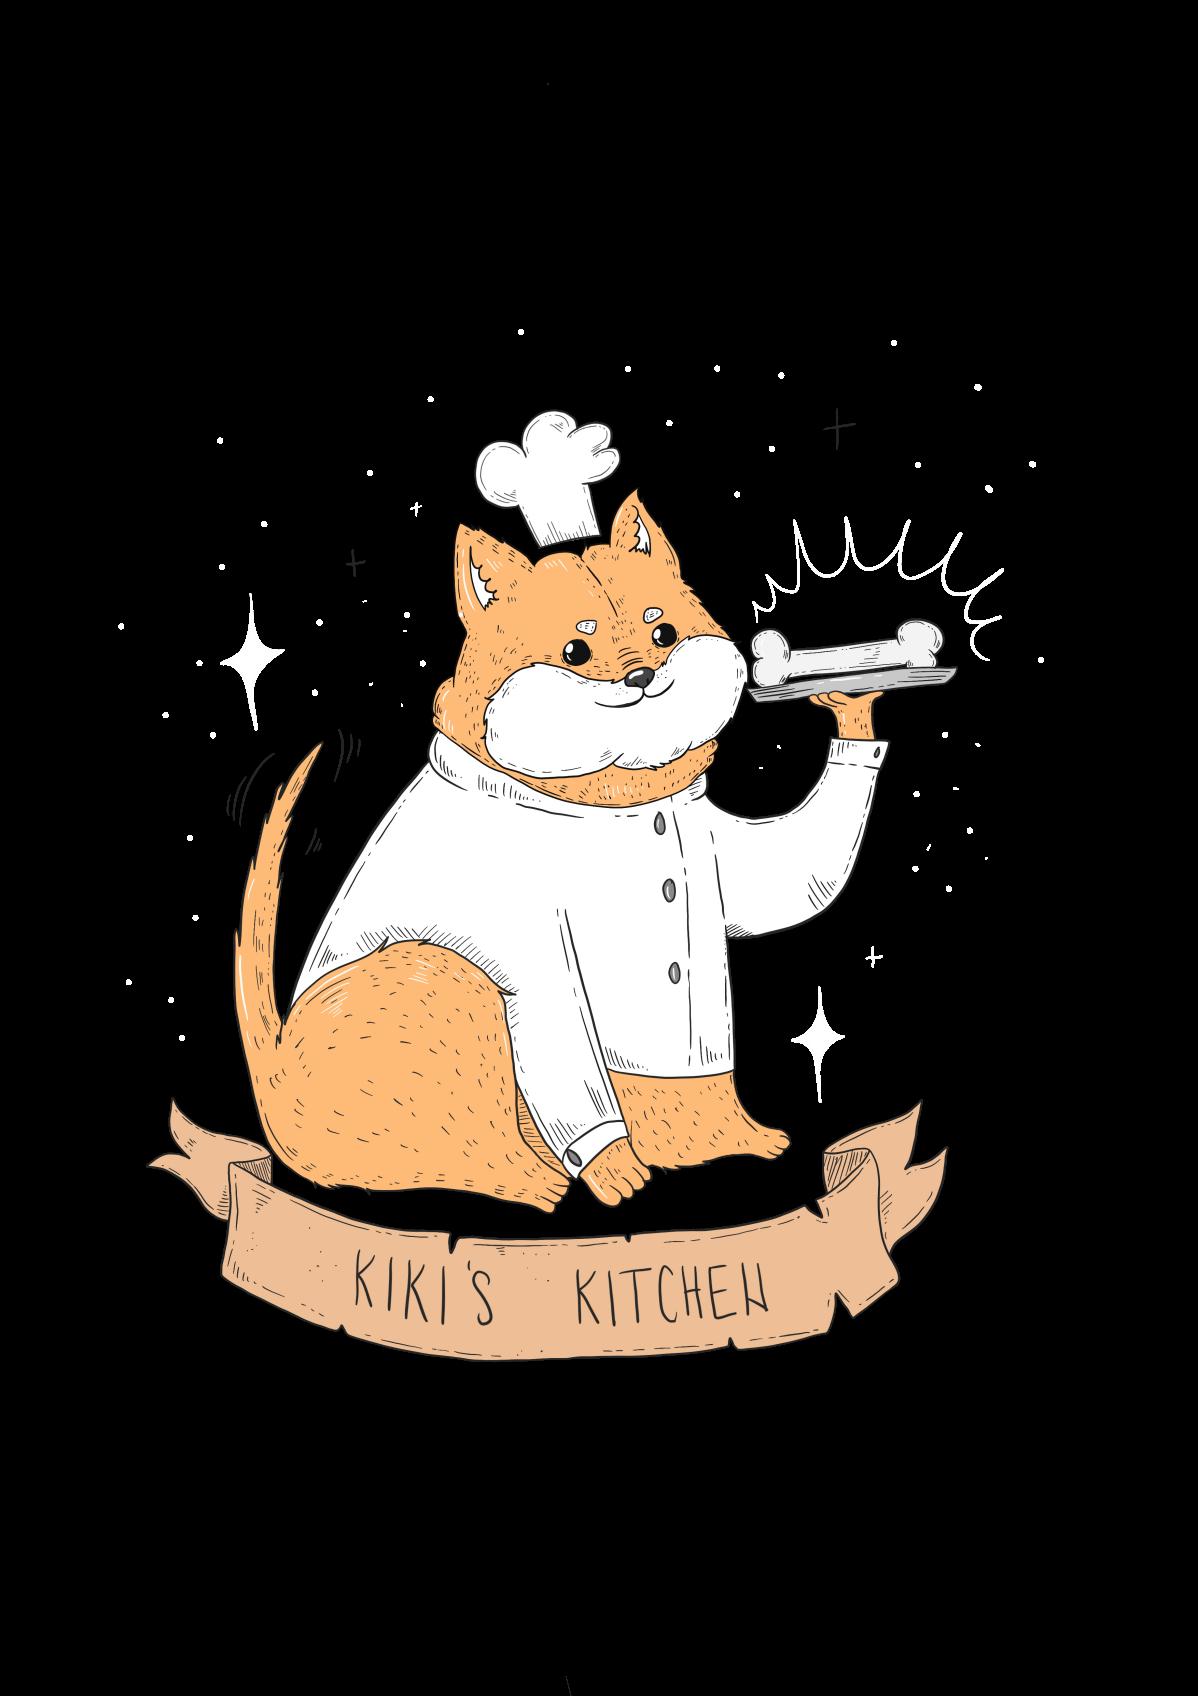 Shiba Inu Drawing - Logo + T-Shirt Design